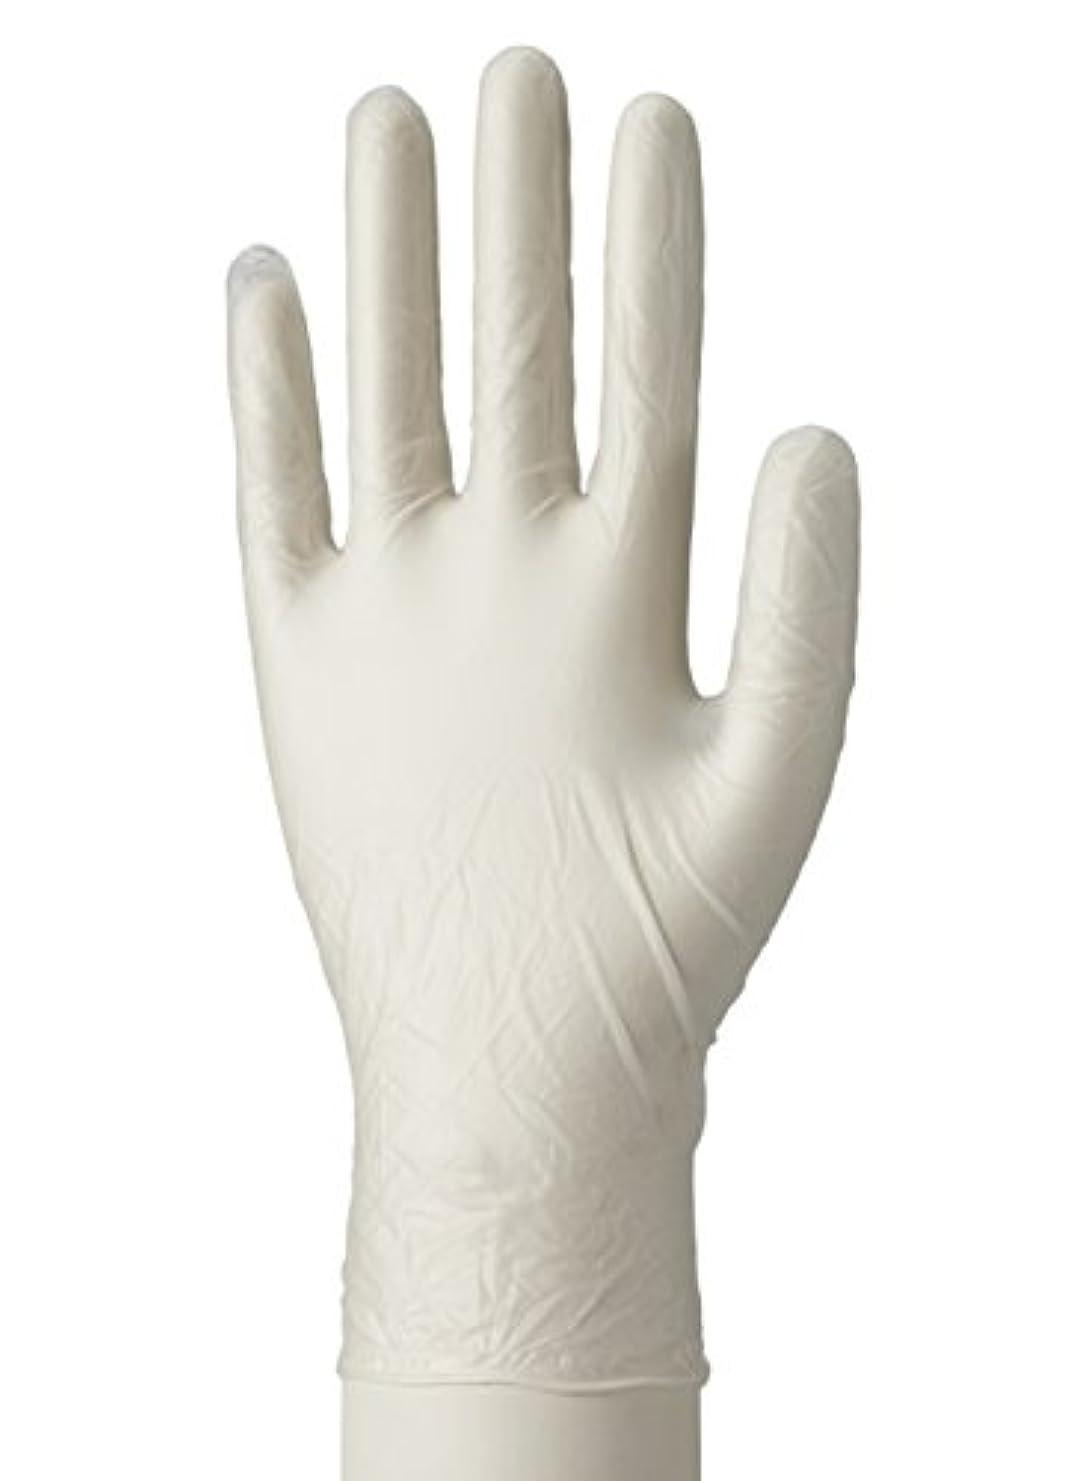 誇りに思うとにかく使い捨て手袋 マイスコPVCグローブ 粉つき MY-7520(サイズ:S)100枚入り 病院採用商品